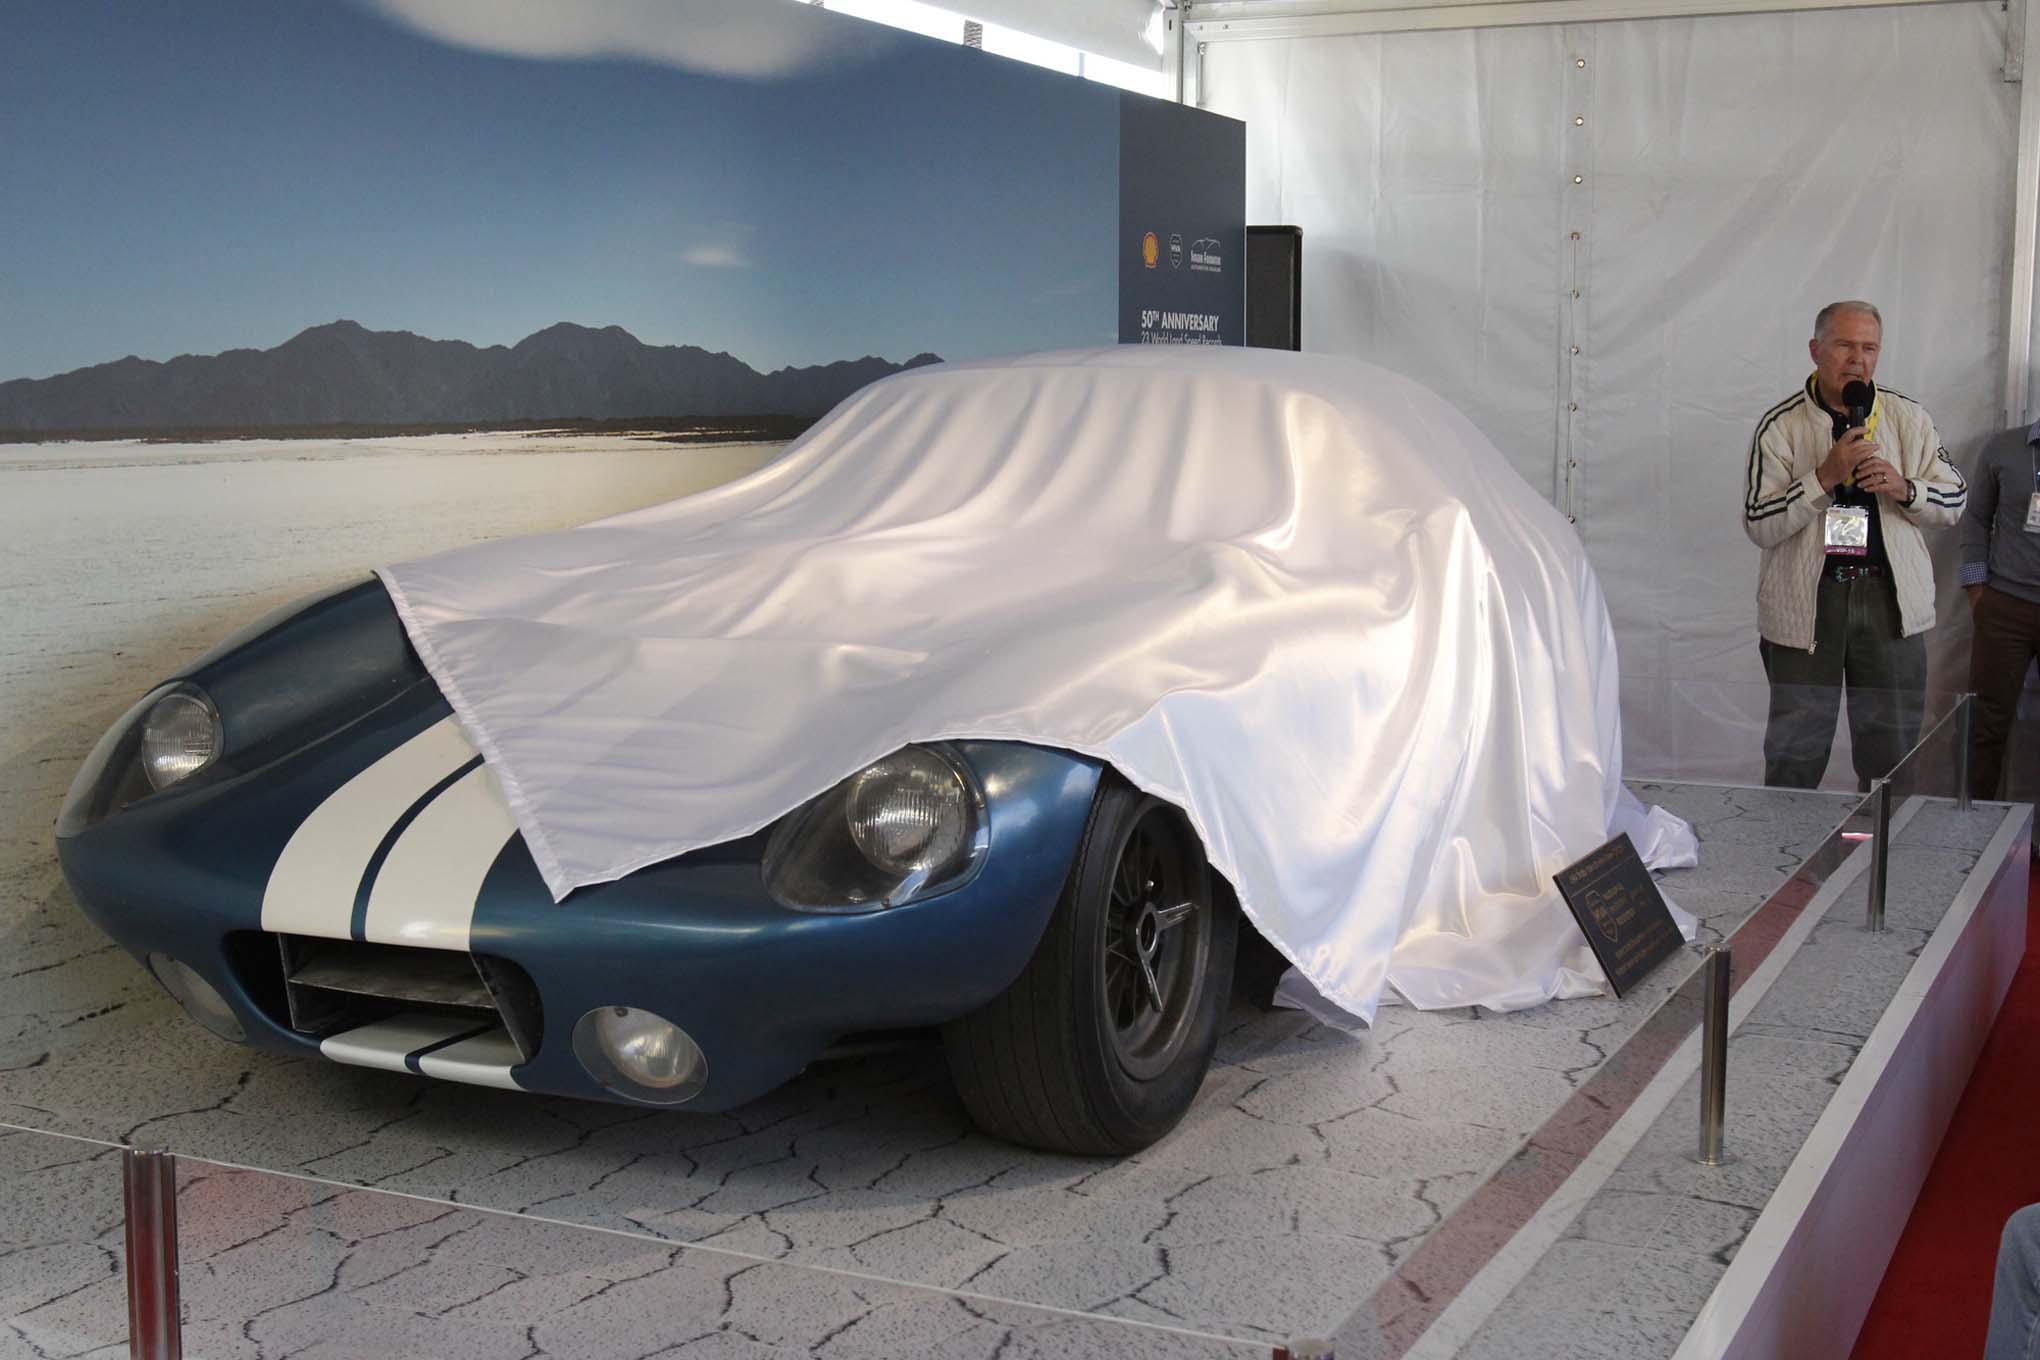 001 Shelby Daytona Coupe Lpr